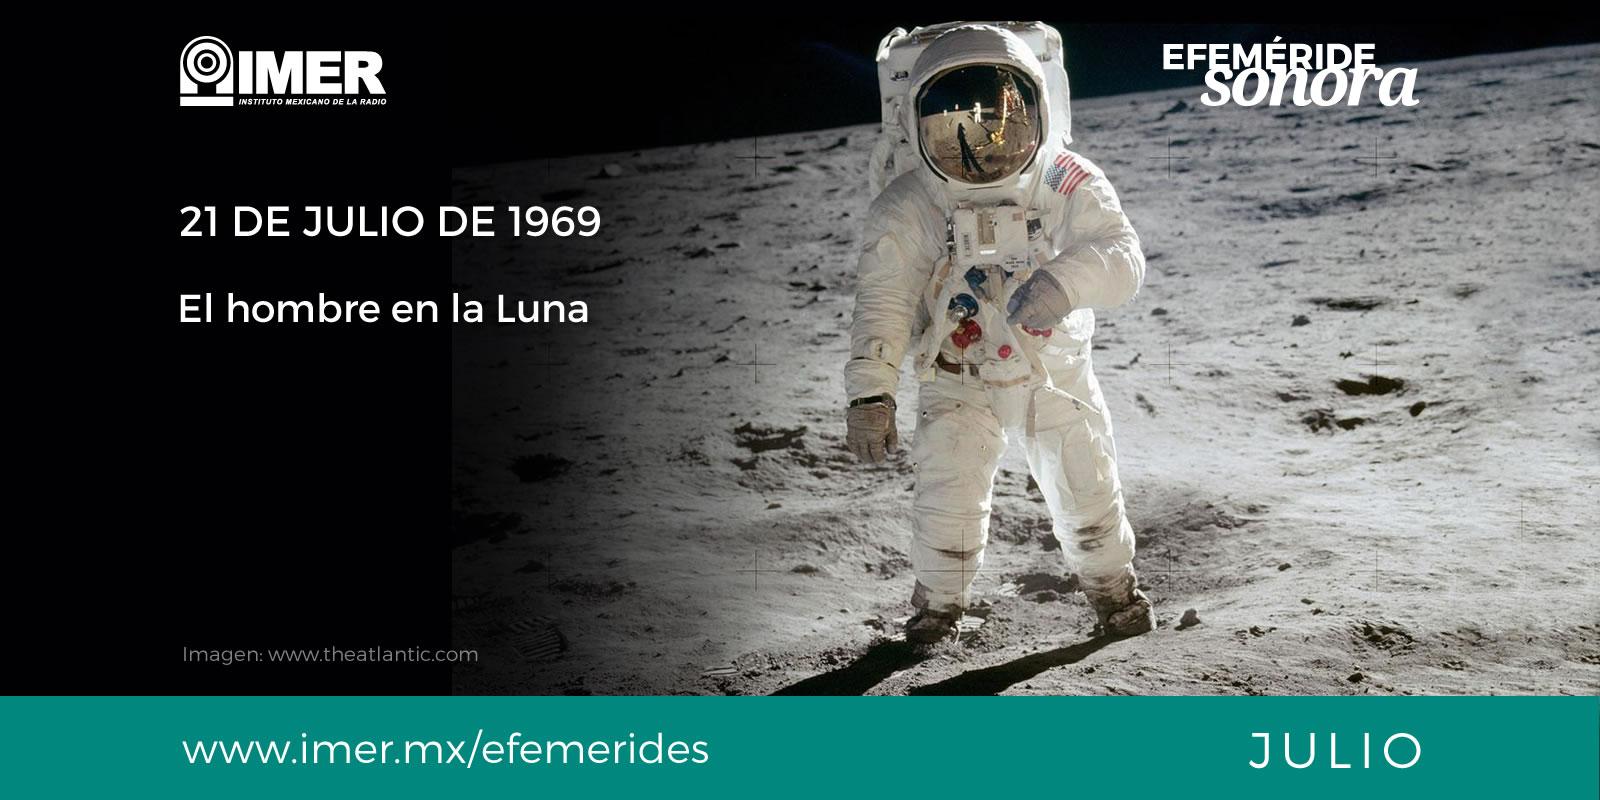 21 de julio de 1969, El hombre en la Luna – IMER